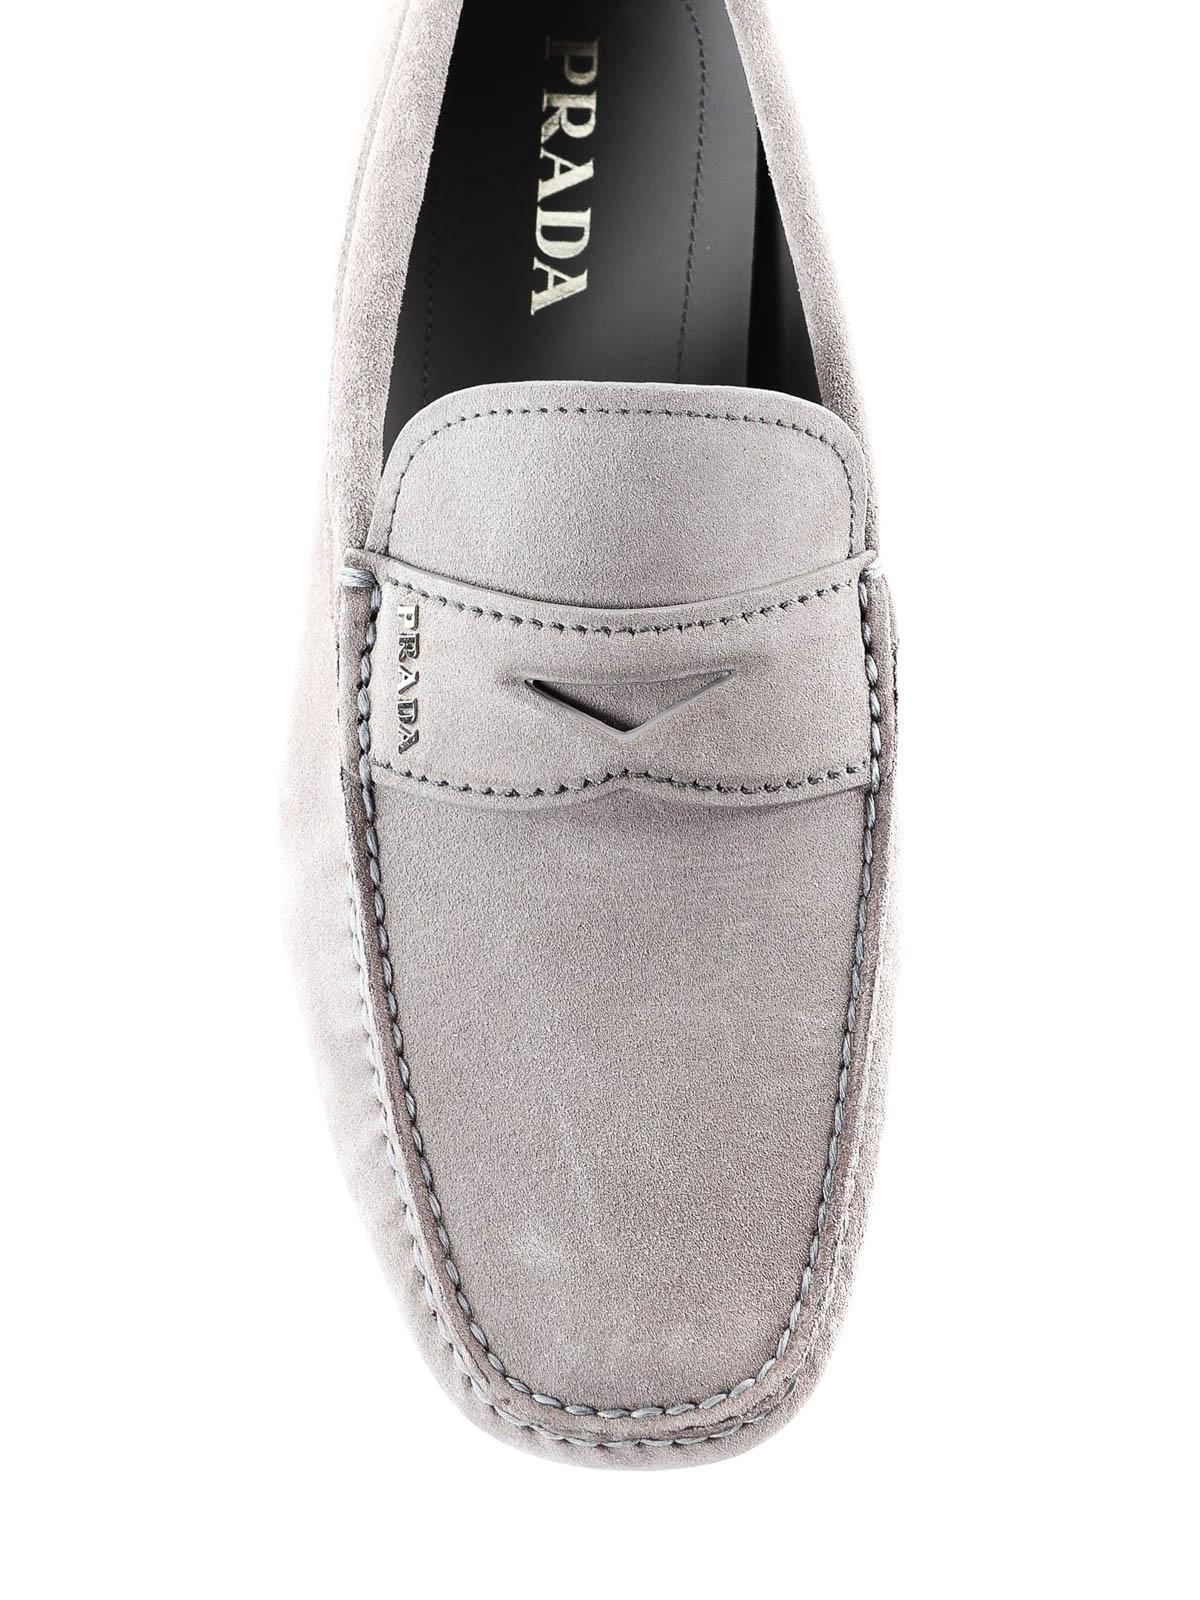 Prada - Light grey suede loafers